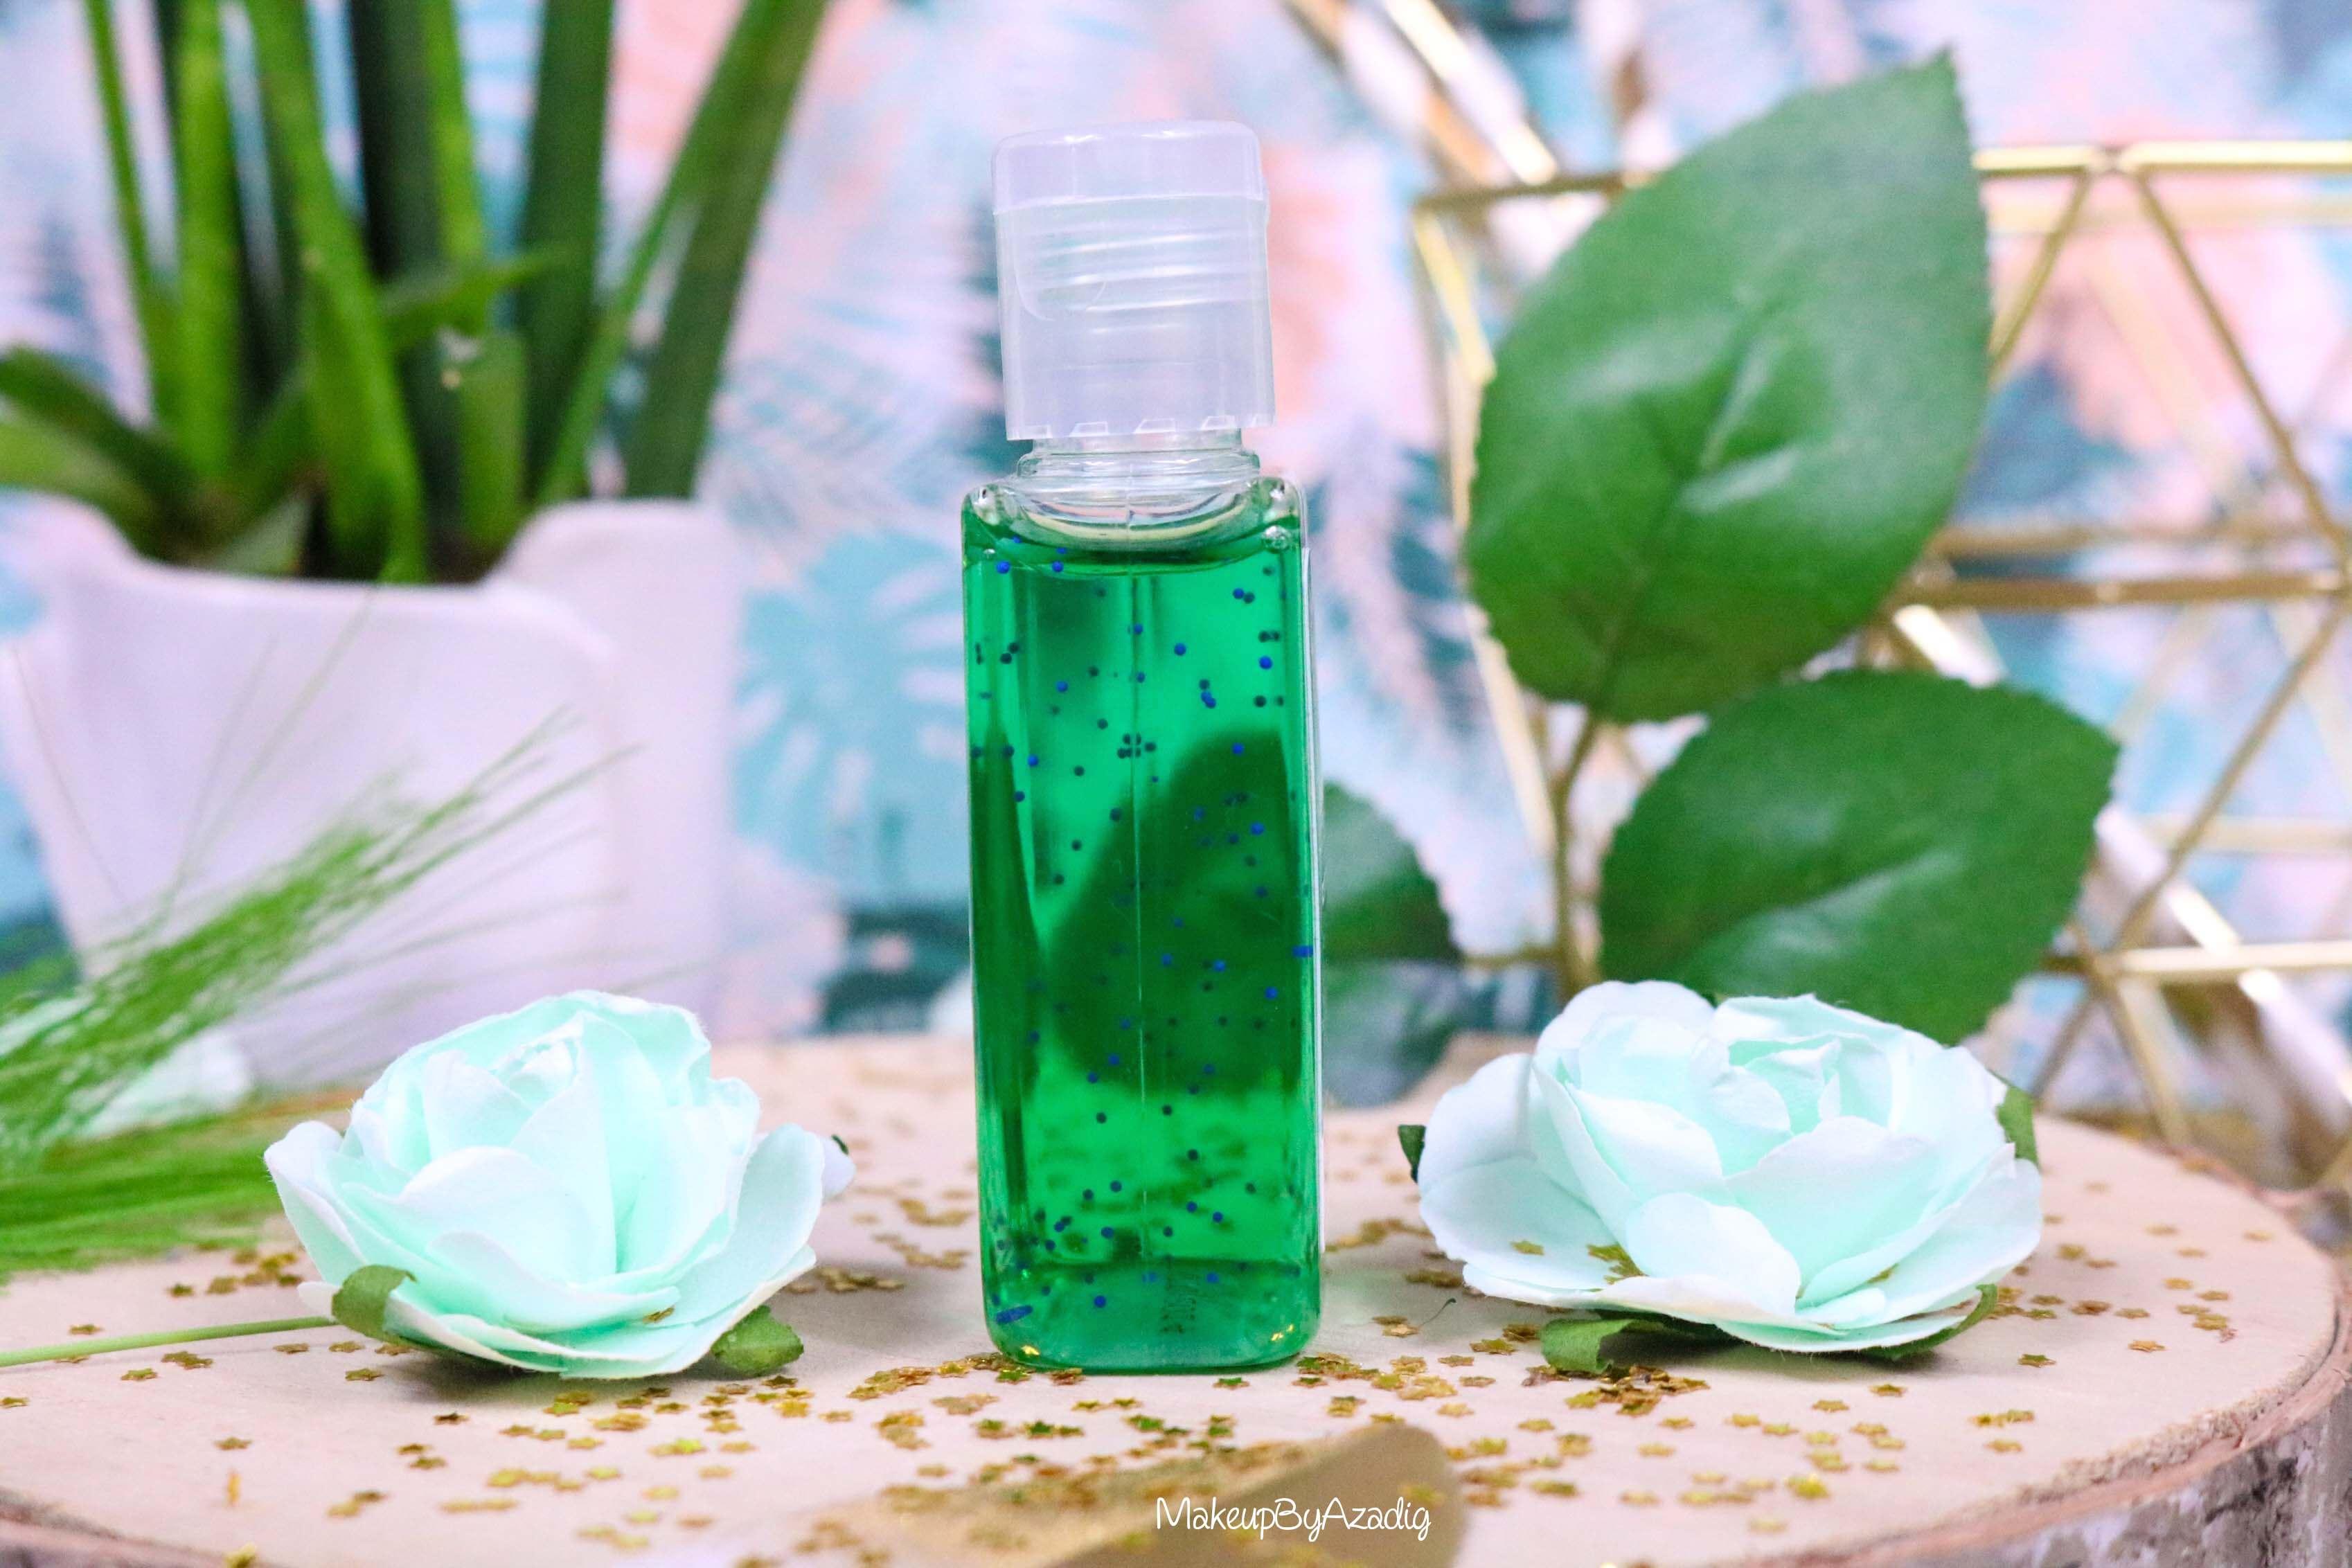 revue-merci-handy-jungle-fever-makeupbyazadig-nouvelle-senteur-gel-antibacteriens-creme-mains-bougie-sephora-avis-prix-green